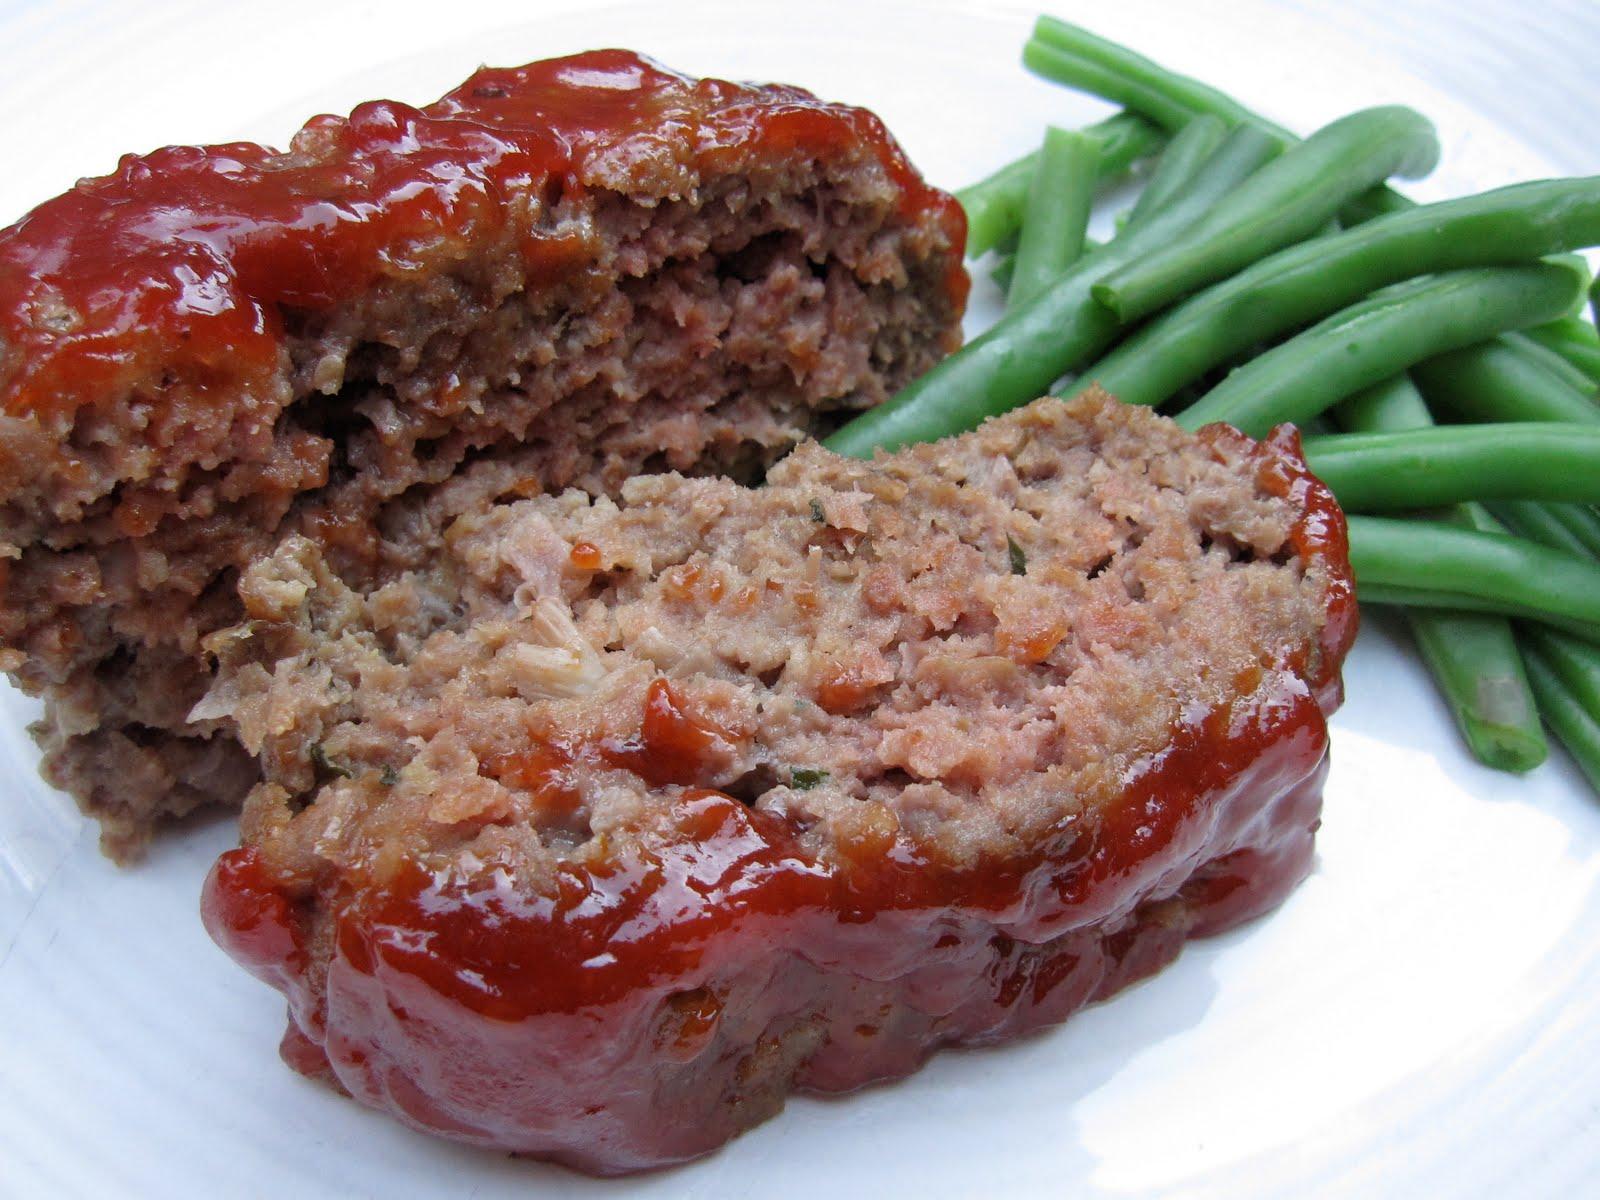 Best Meatloaf Recipe Food Network   Tasty Meatloaf Recipes